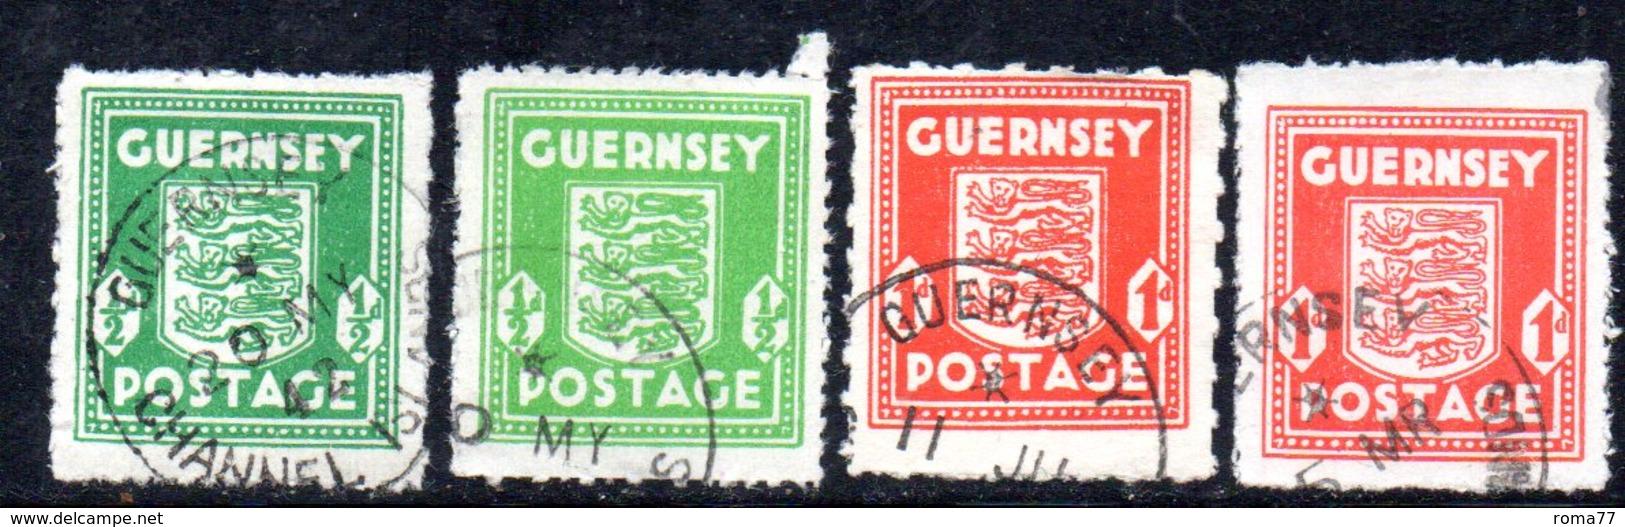 APR173 - GUERNSEY 1941 , Quattro Valori Usati Dell'occupazione Tedesca  (2380A) . - Guernesey